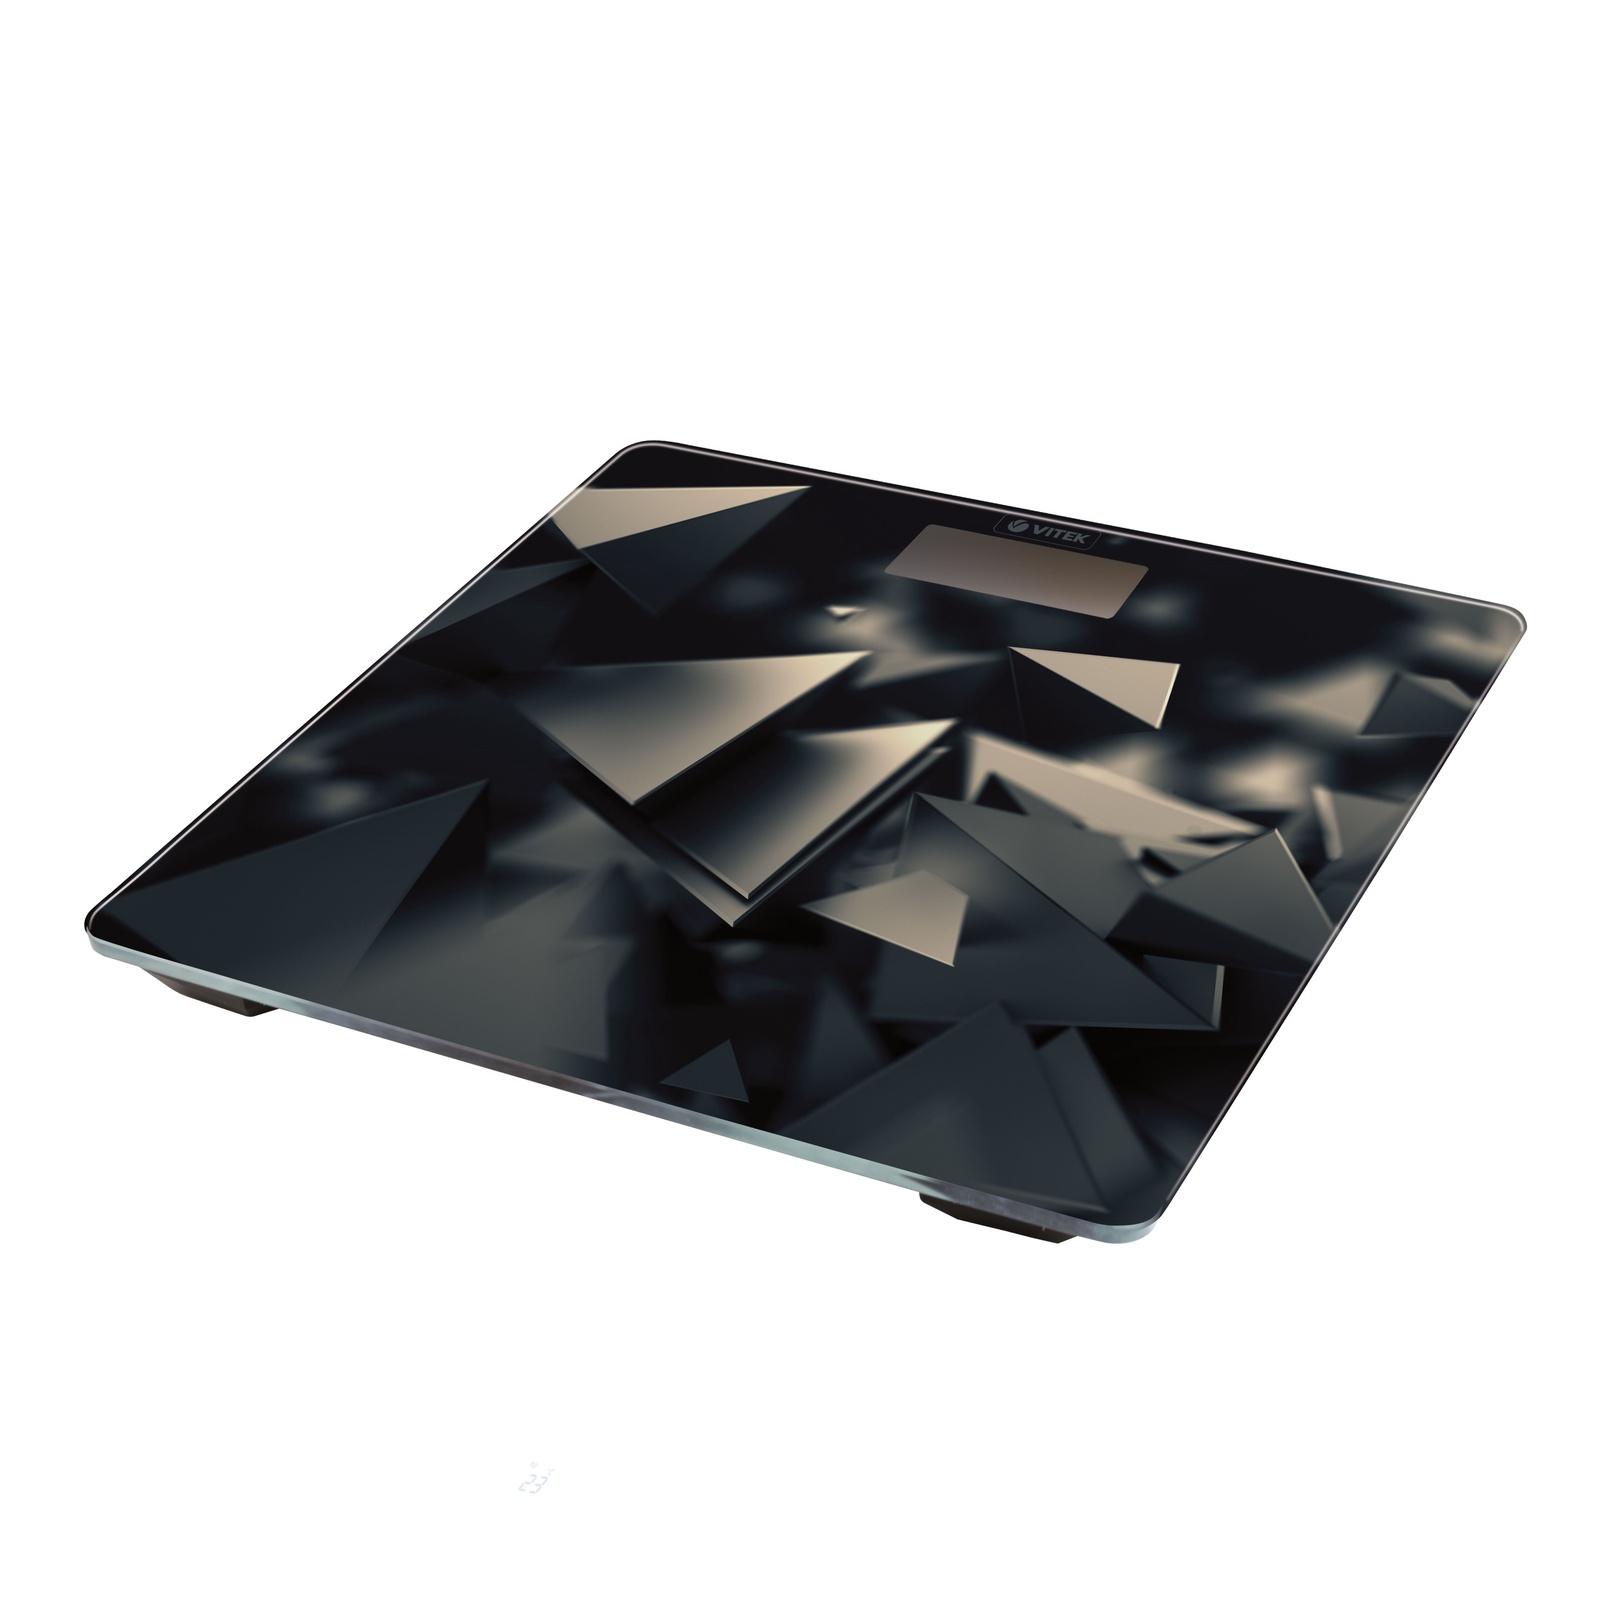 Весы напольные VITEK Максимально допустимый вес 180 кг. Цена деления 50 г.